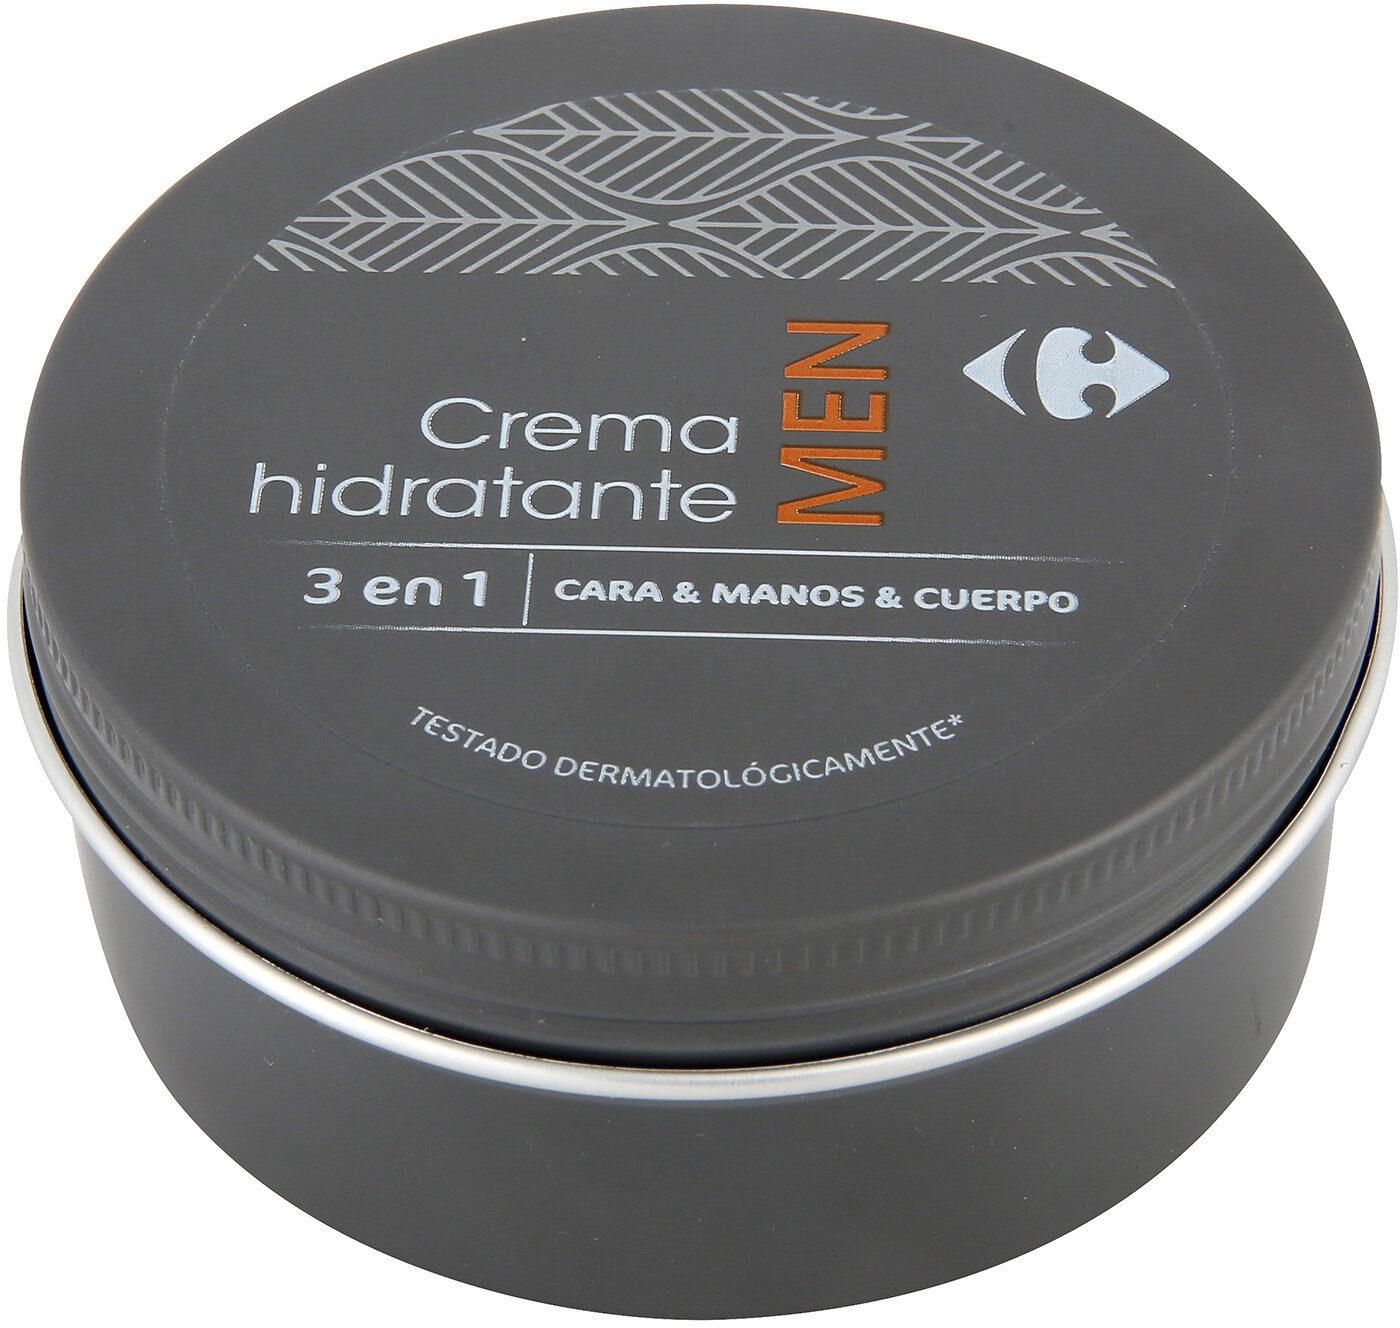 Crema manos cara cuerpo men crf - Product - es